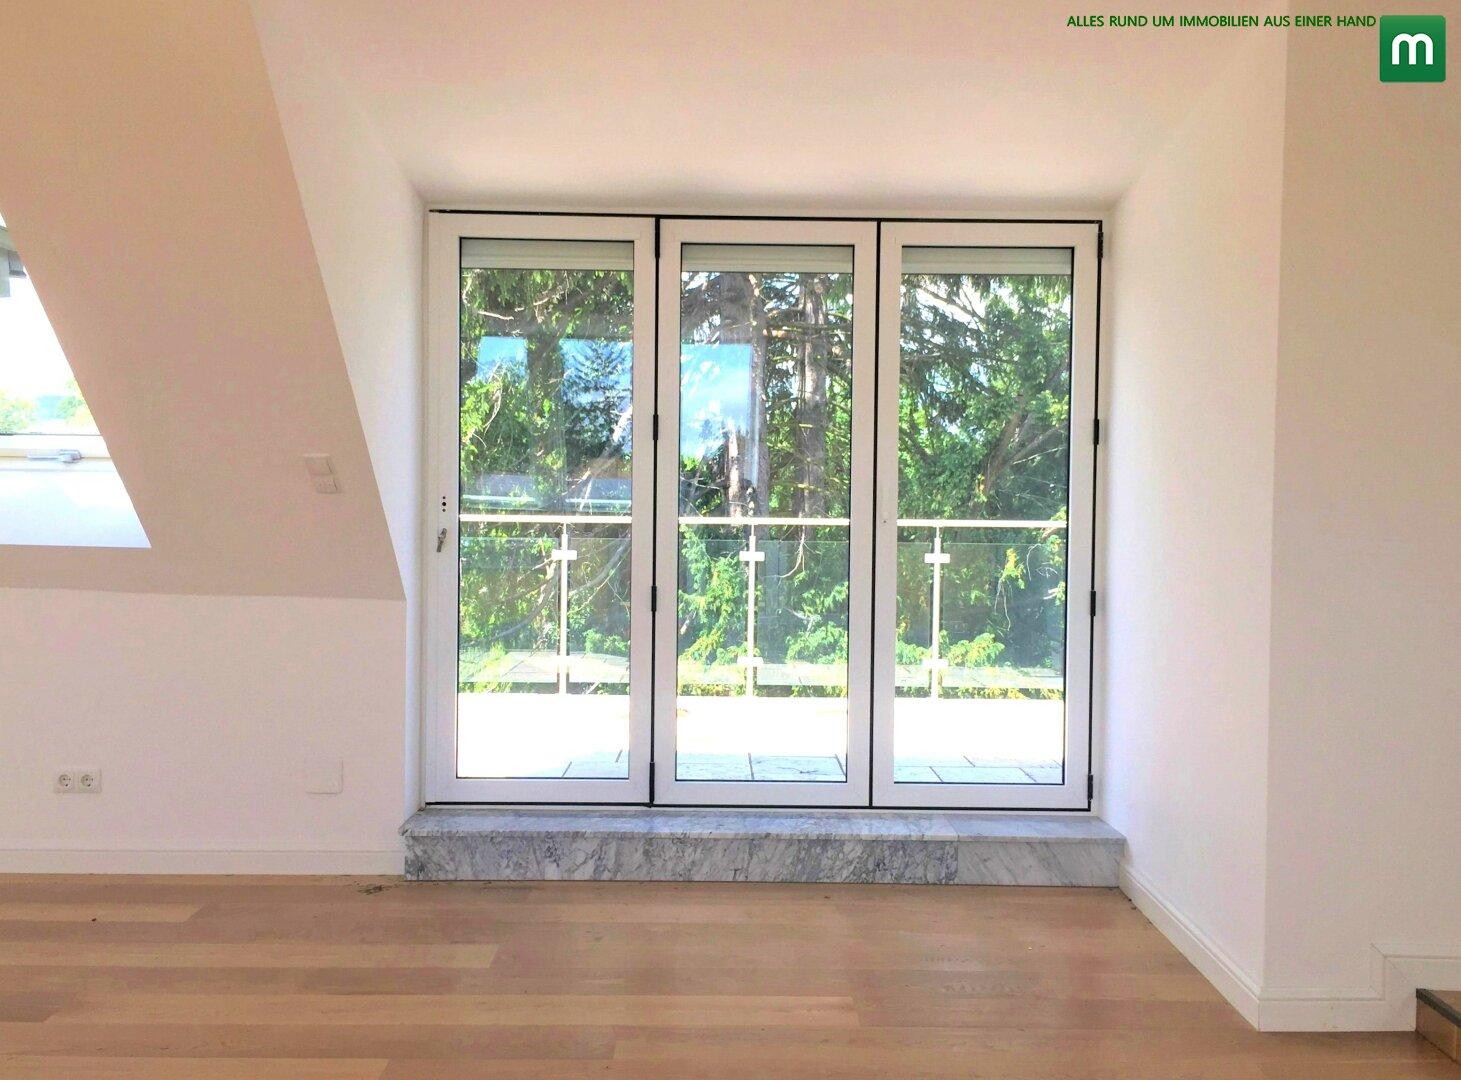 Ausgang vom Salon zur 16 m2 grossen Terrasse